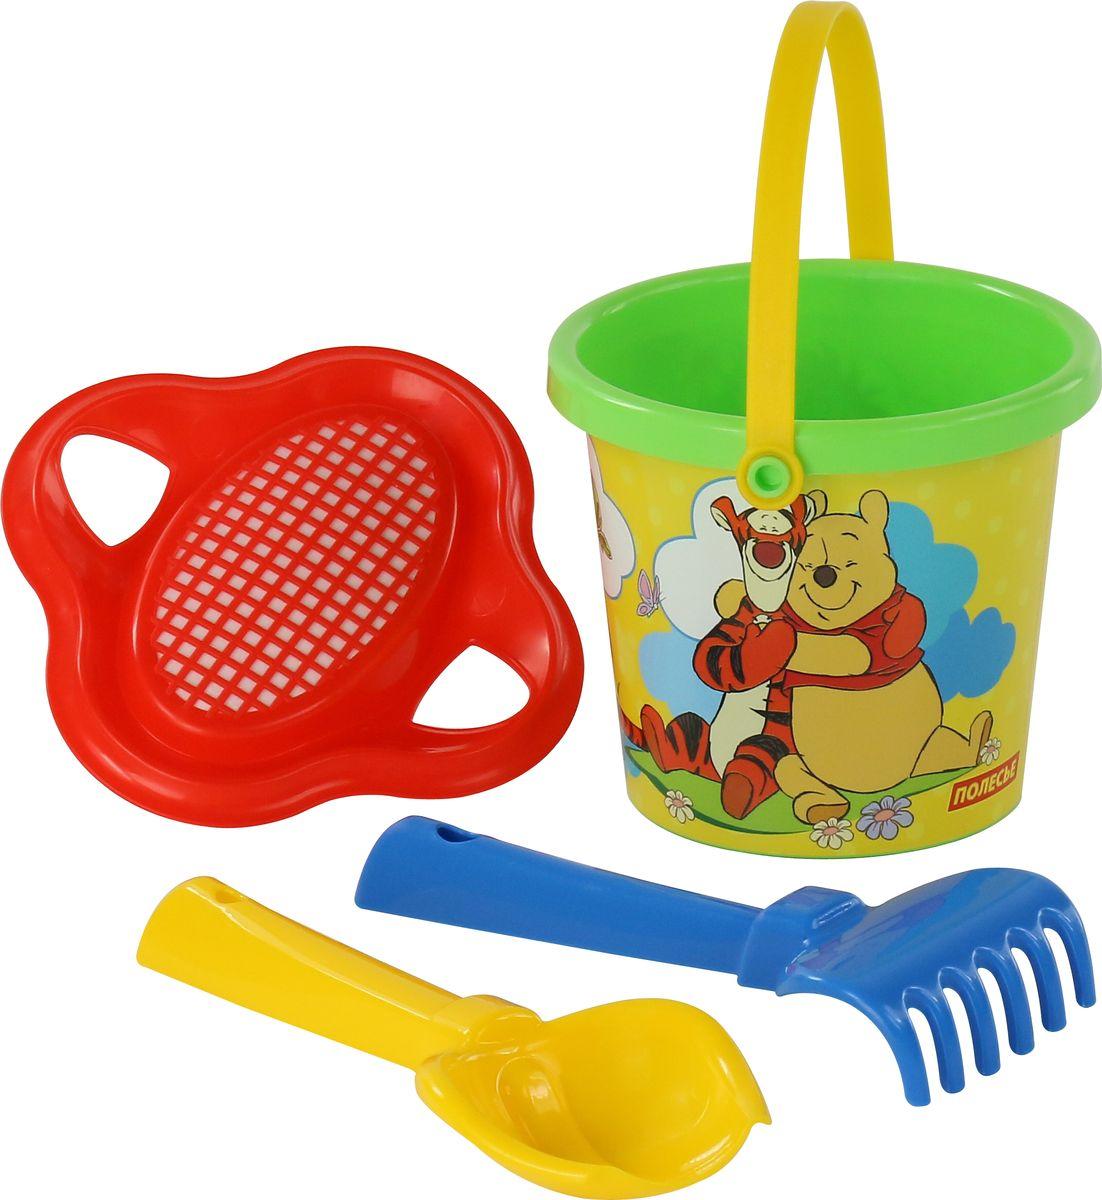 Disney Набор игрушек для песочницы Винни и его друзья №2, цвет в ассортименте монокуляр minox md 8x42 c wp